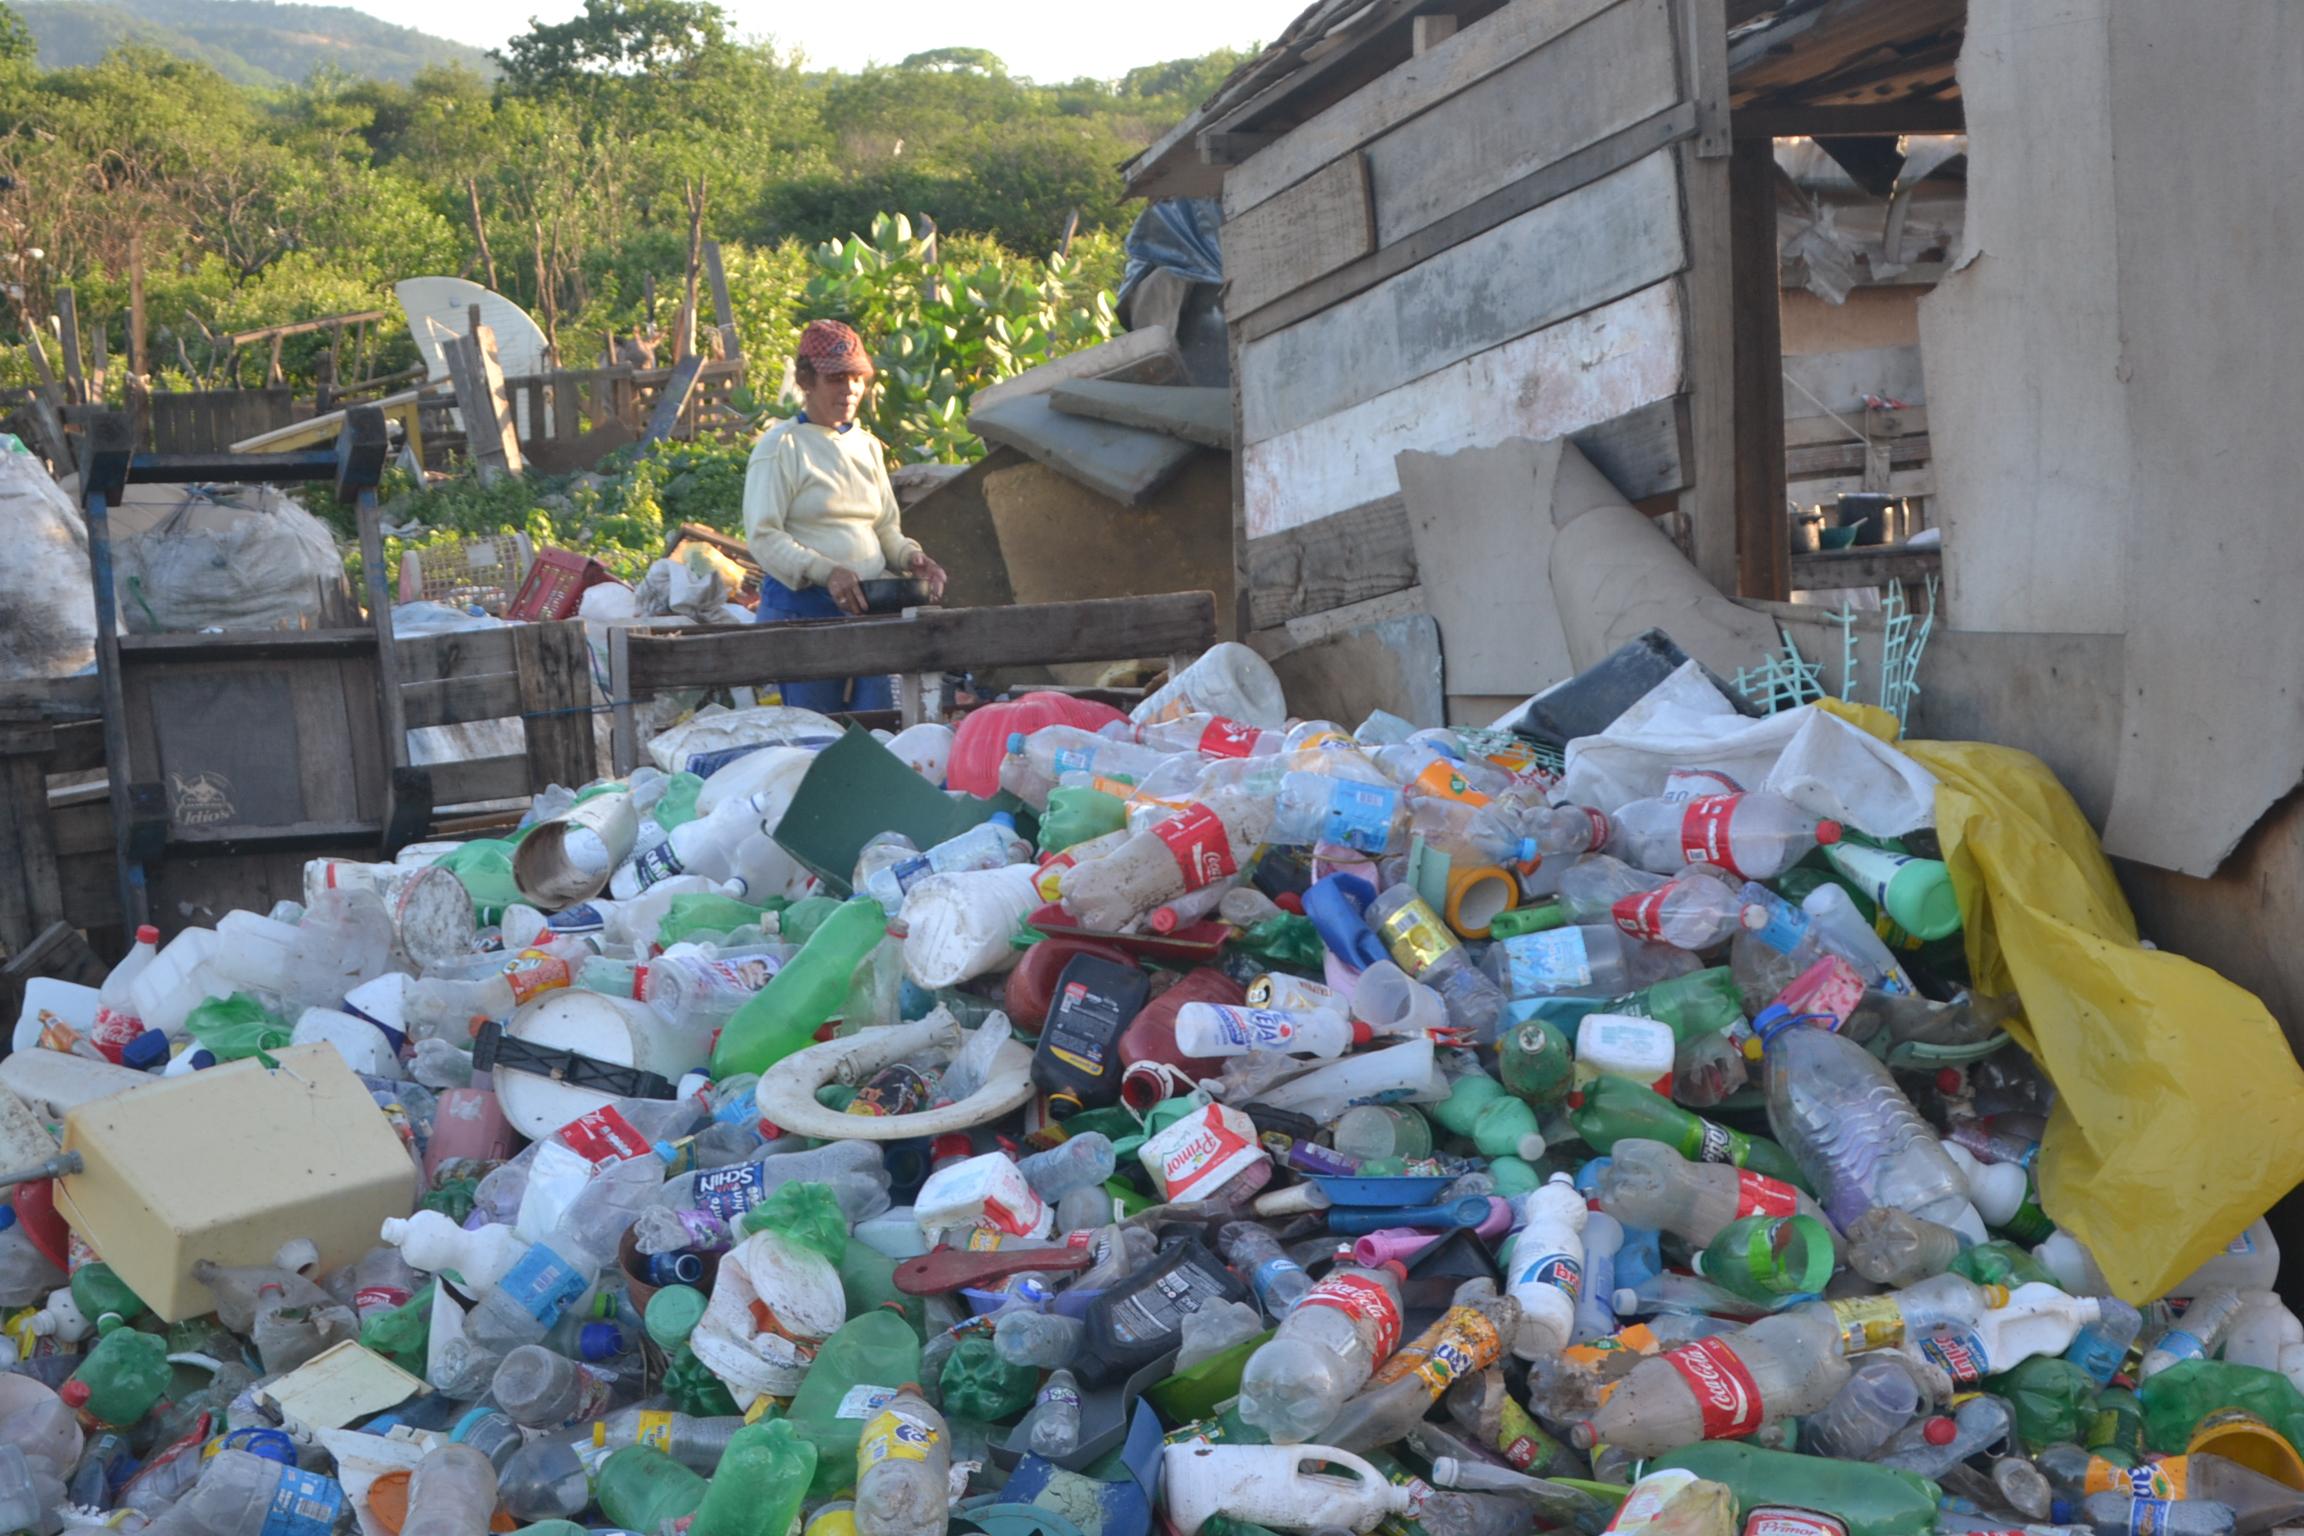 Marcionilia Custodio de Lima, 38 anos, faz a comida da familia em meio aos entulhos de lixo